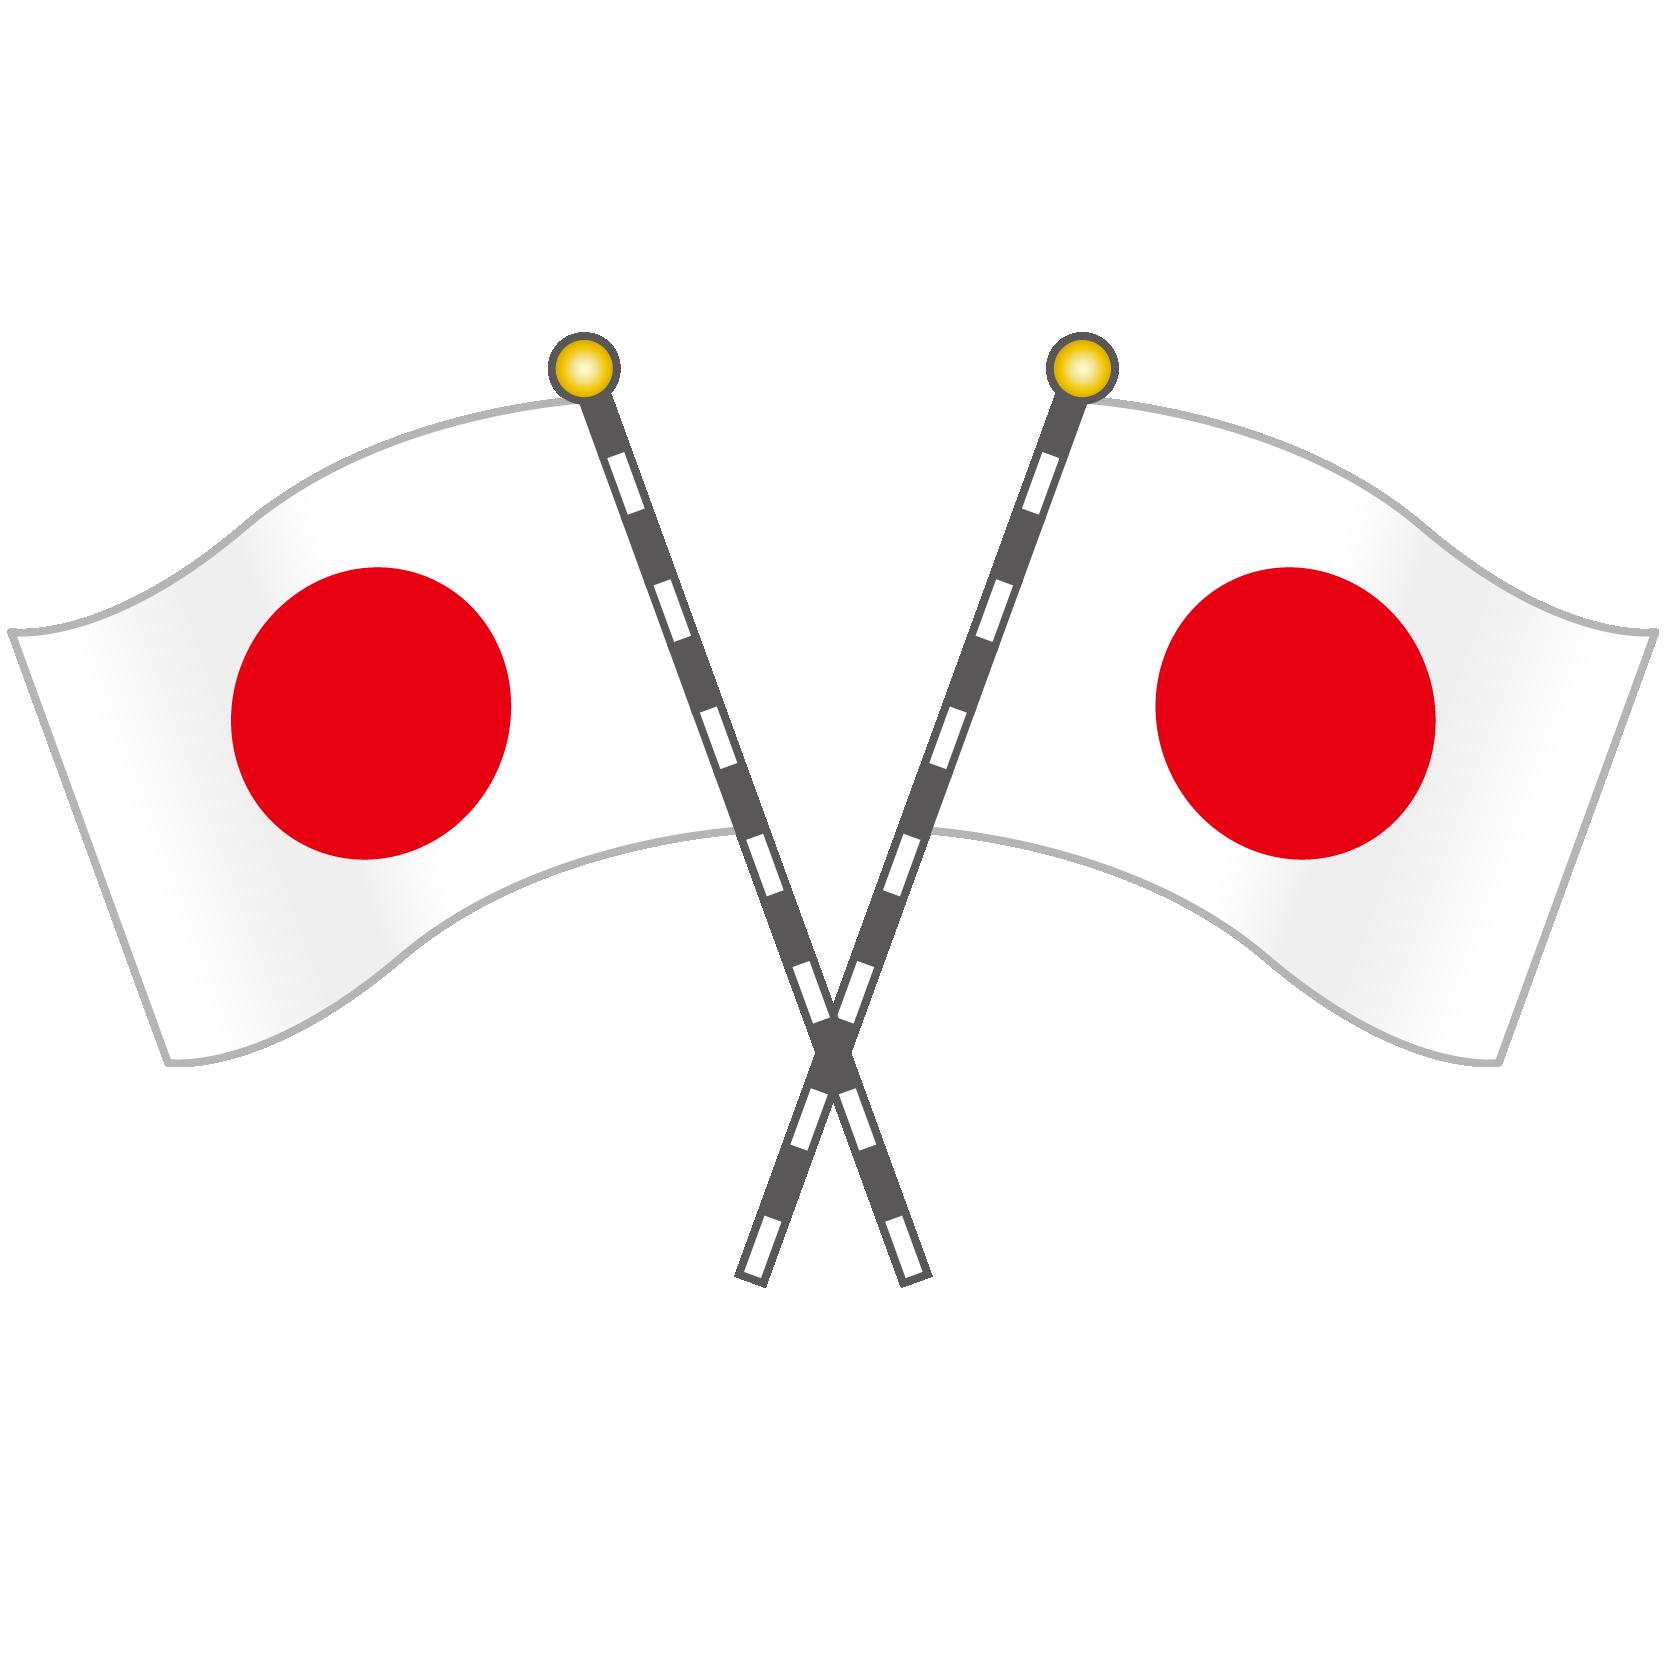 商用フリー・無料イラスト_2月11日_建国記念の日_国旗_日の丸_National Foundation Day020